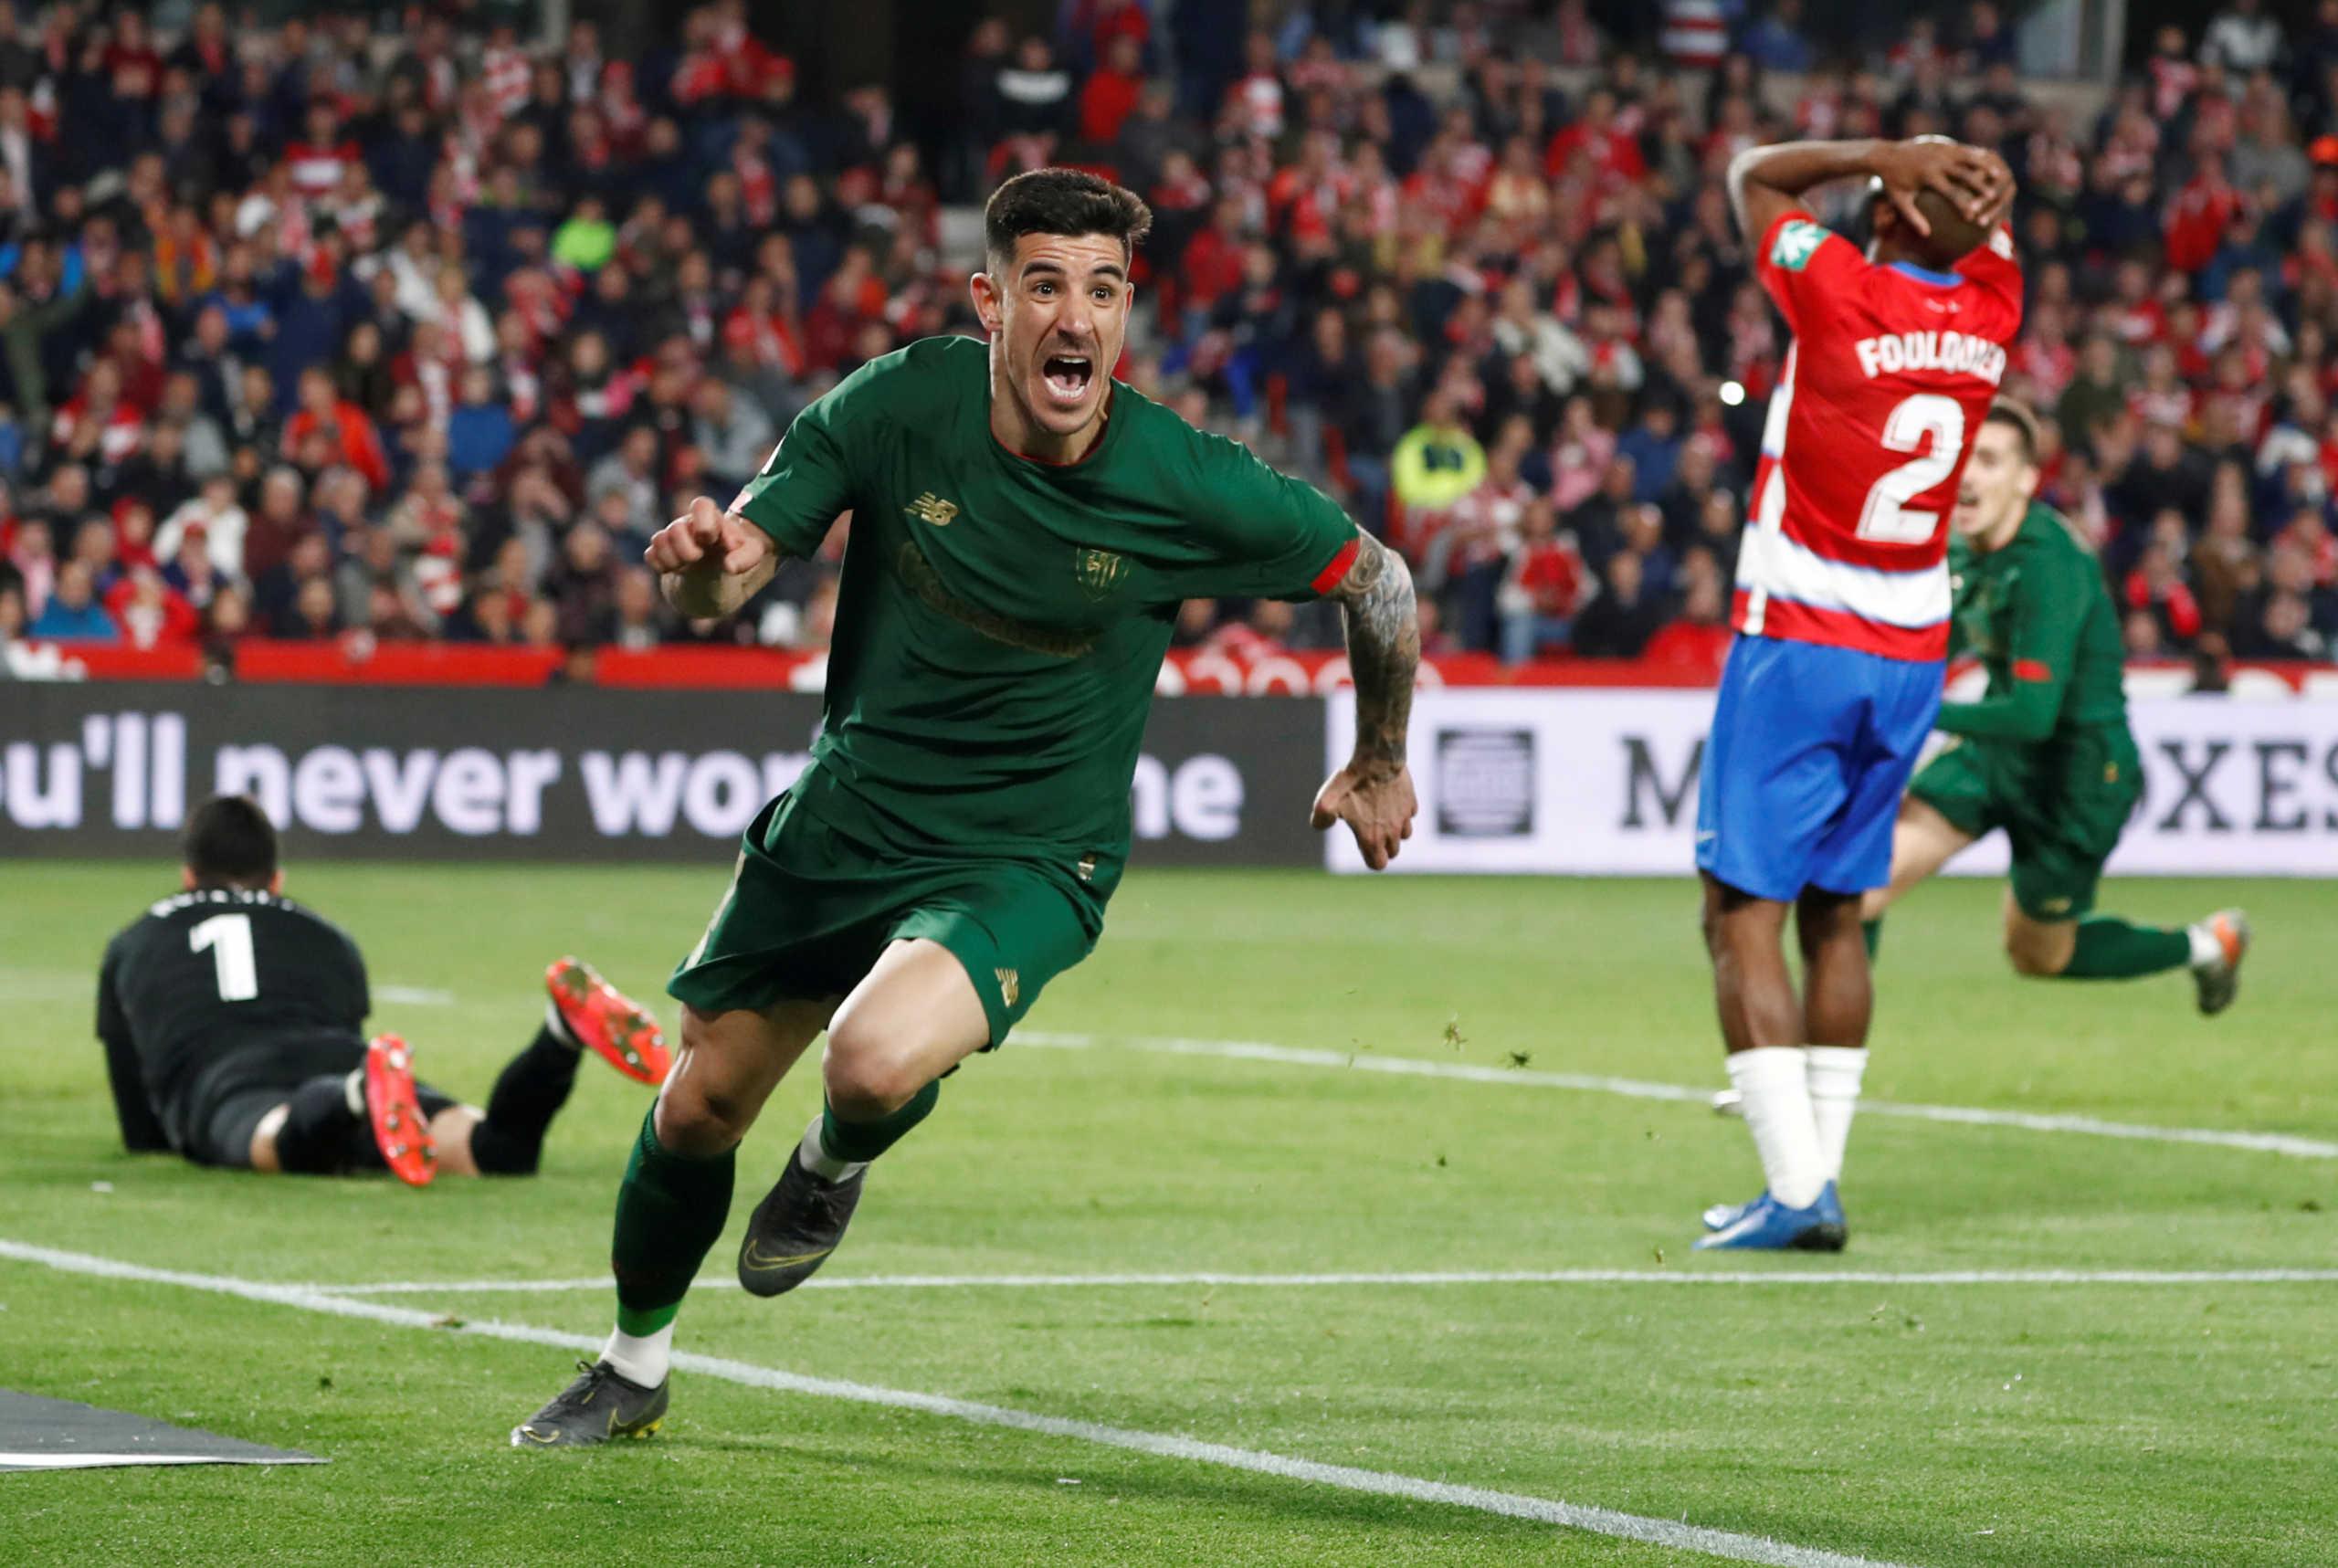 Κορονοϊός: Ο τελικός του Copa del Rey θα παιχτεί… στα μπαλκόνια (pic)